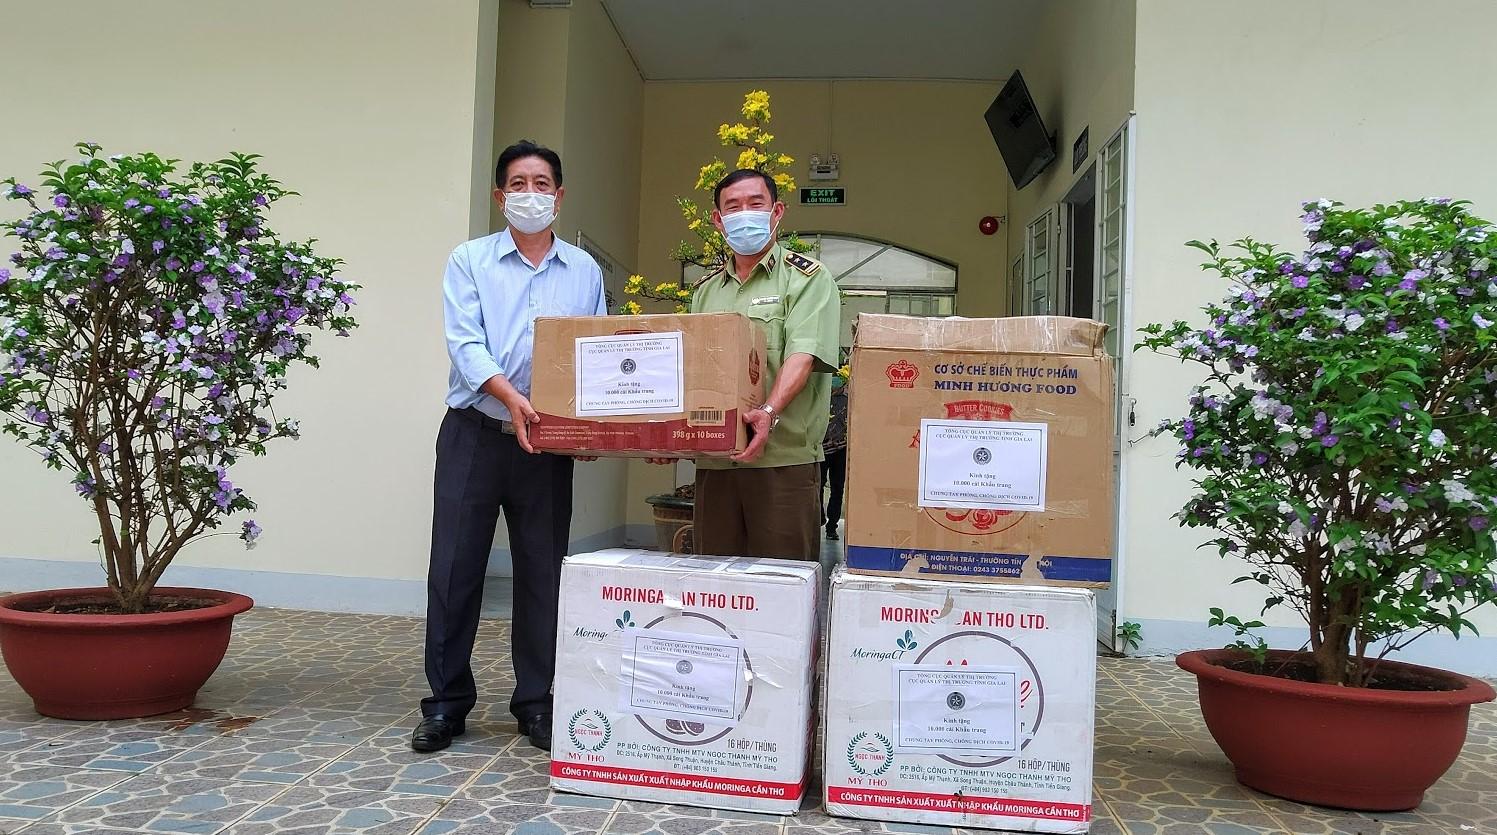 Cục QLTT Gia Lai trao 10.000 khẩu trang y tế cho Sở Y tế Gia Lai